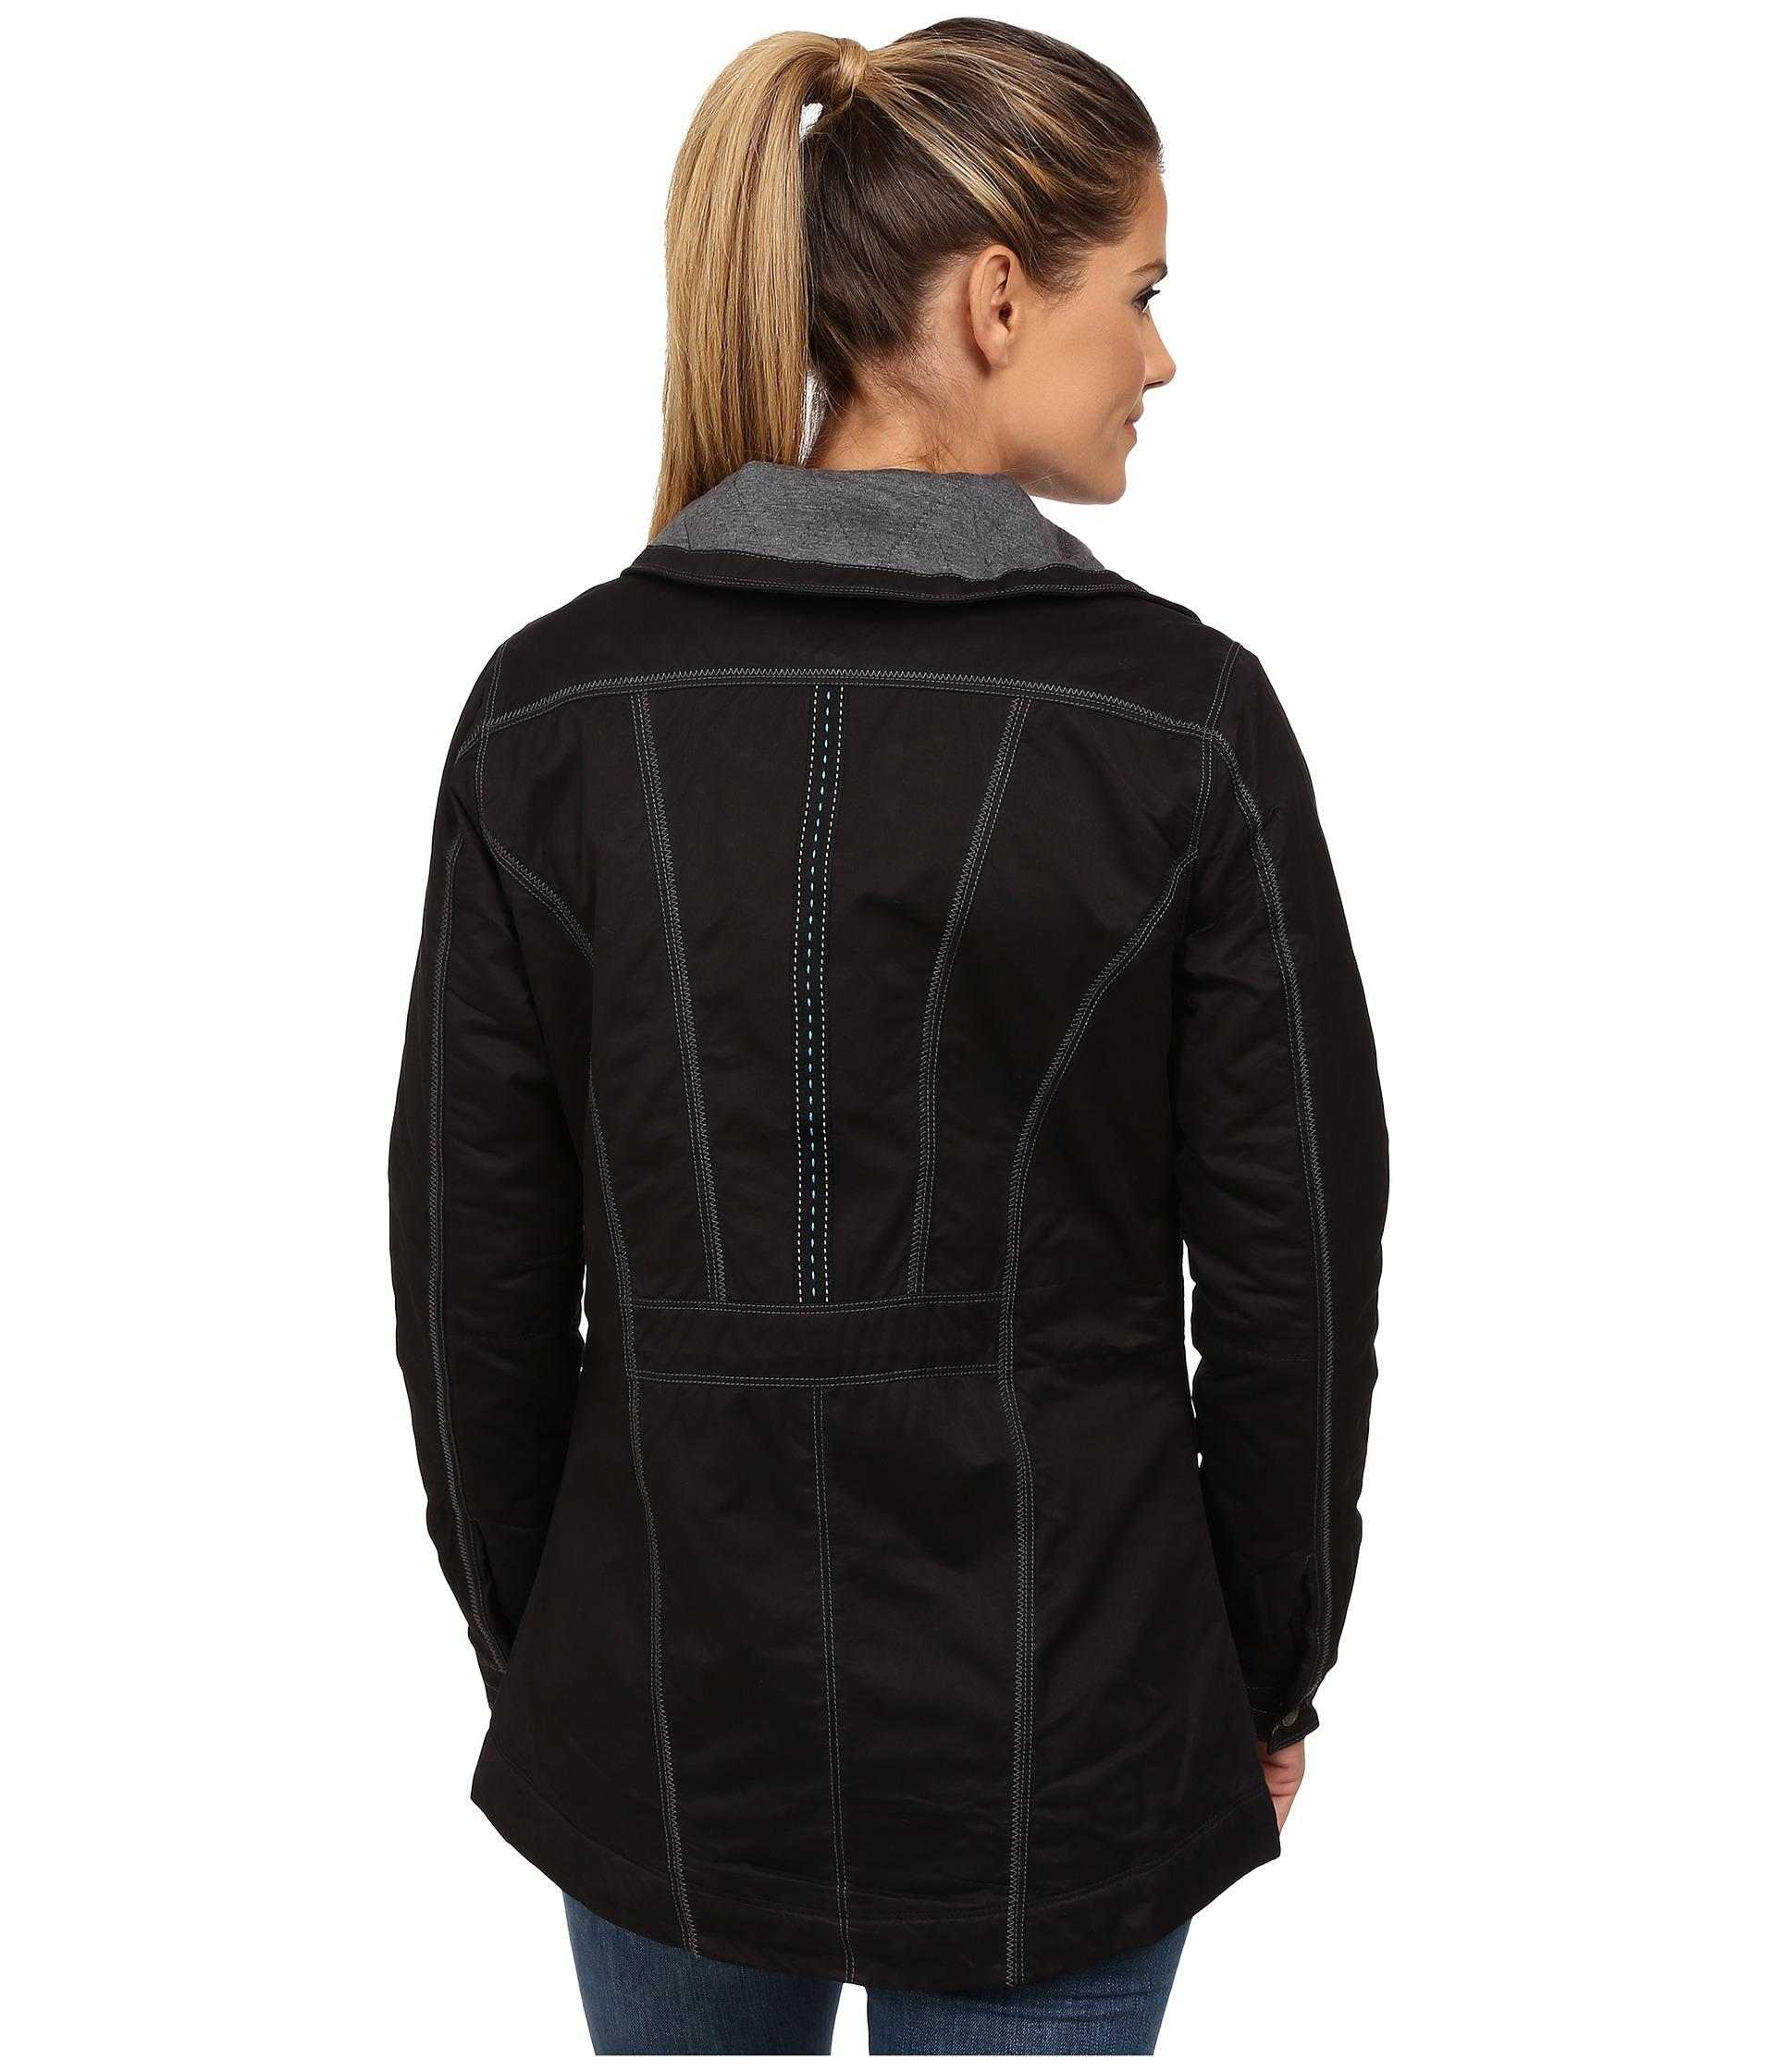 Kuhl Lena Insulated Jacket Zappos Com Free Shipping